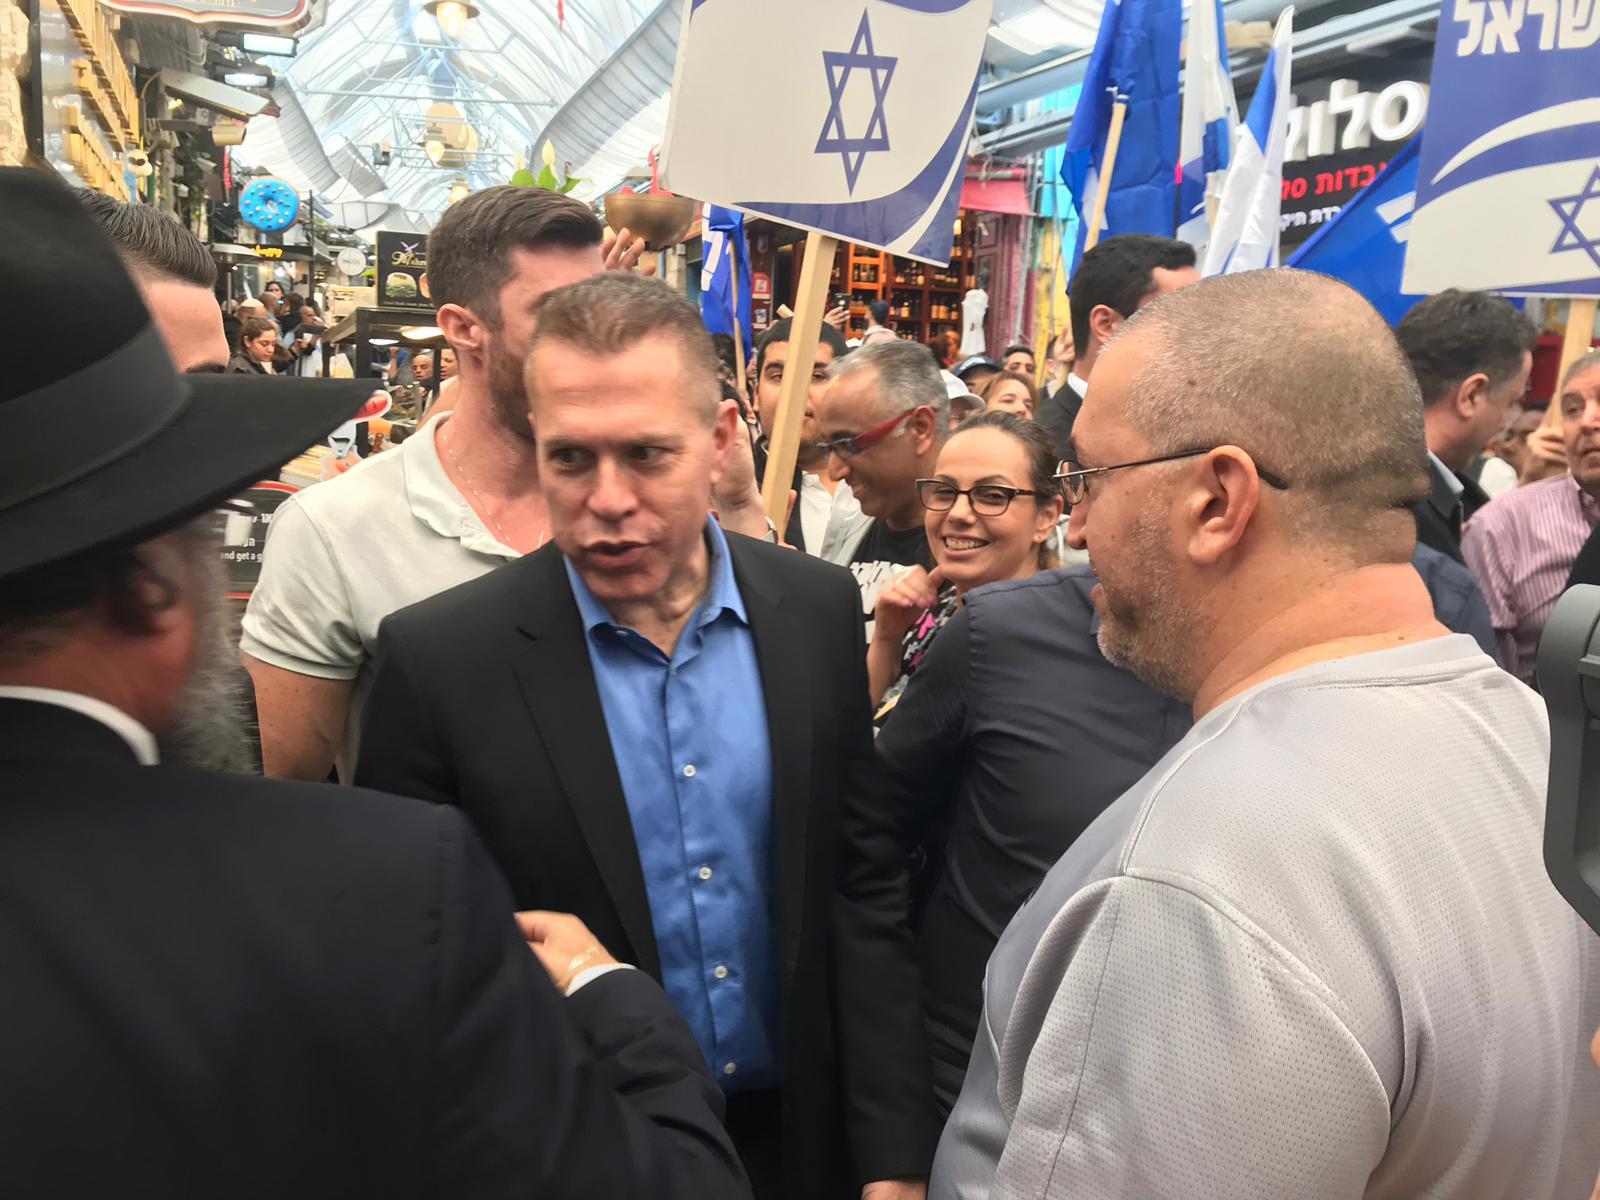 Gilad Erdan, ministre de la Sécurité et de l'Information, en campagne sur le marché de Mahane Yahuda à Jérusalem (MEE/Daniel Hilton)